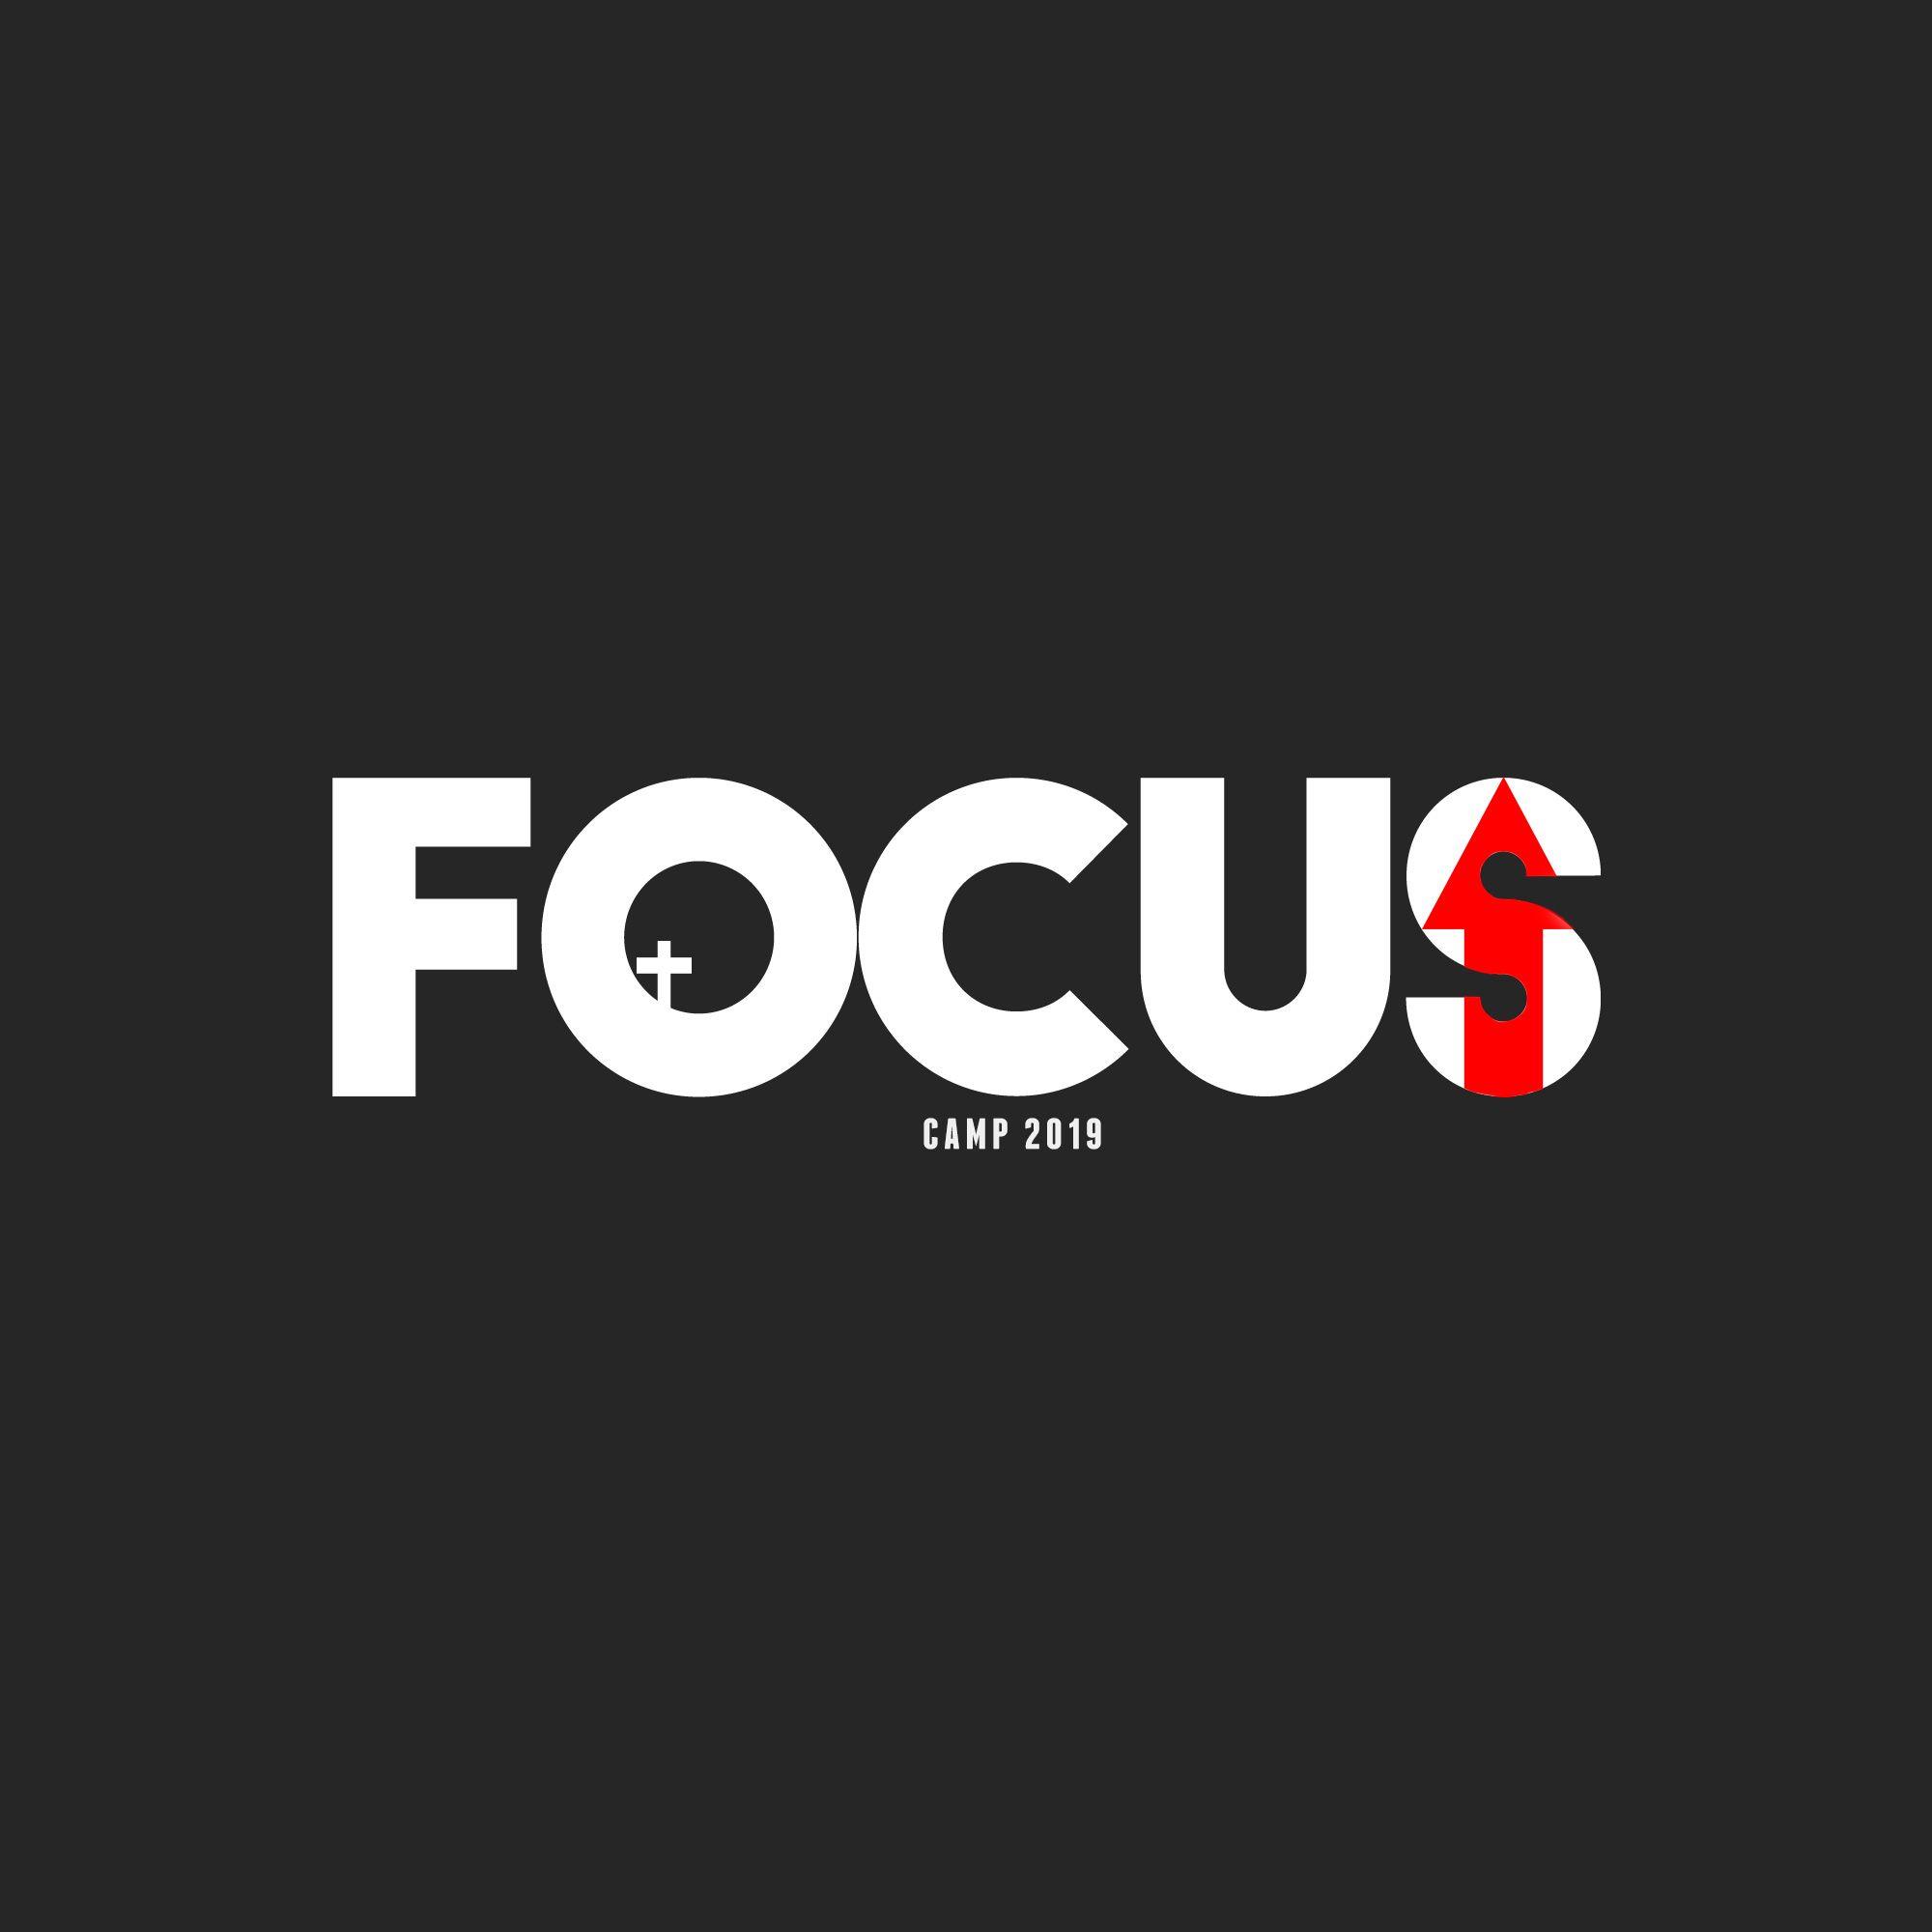 FOCUS UP - Camp 2019